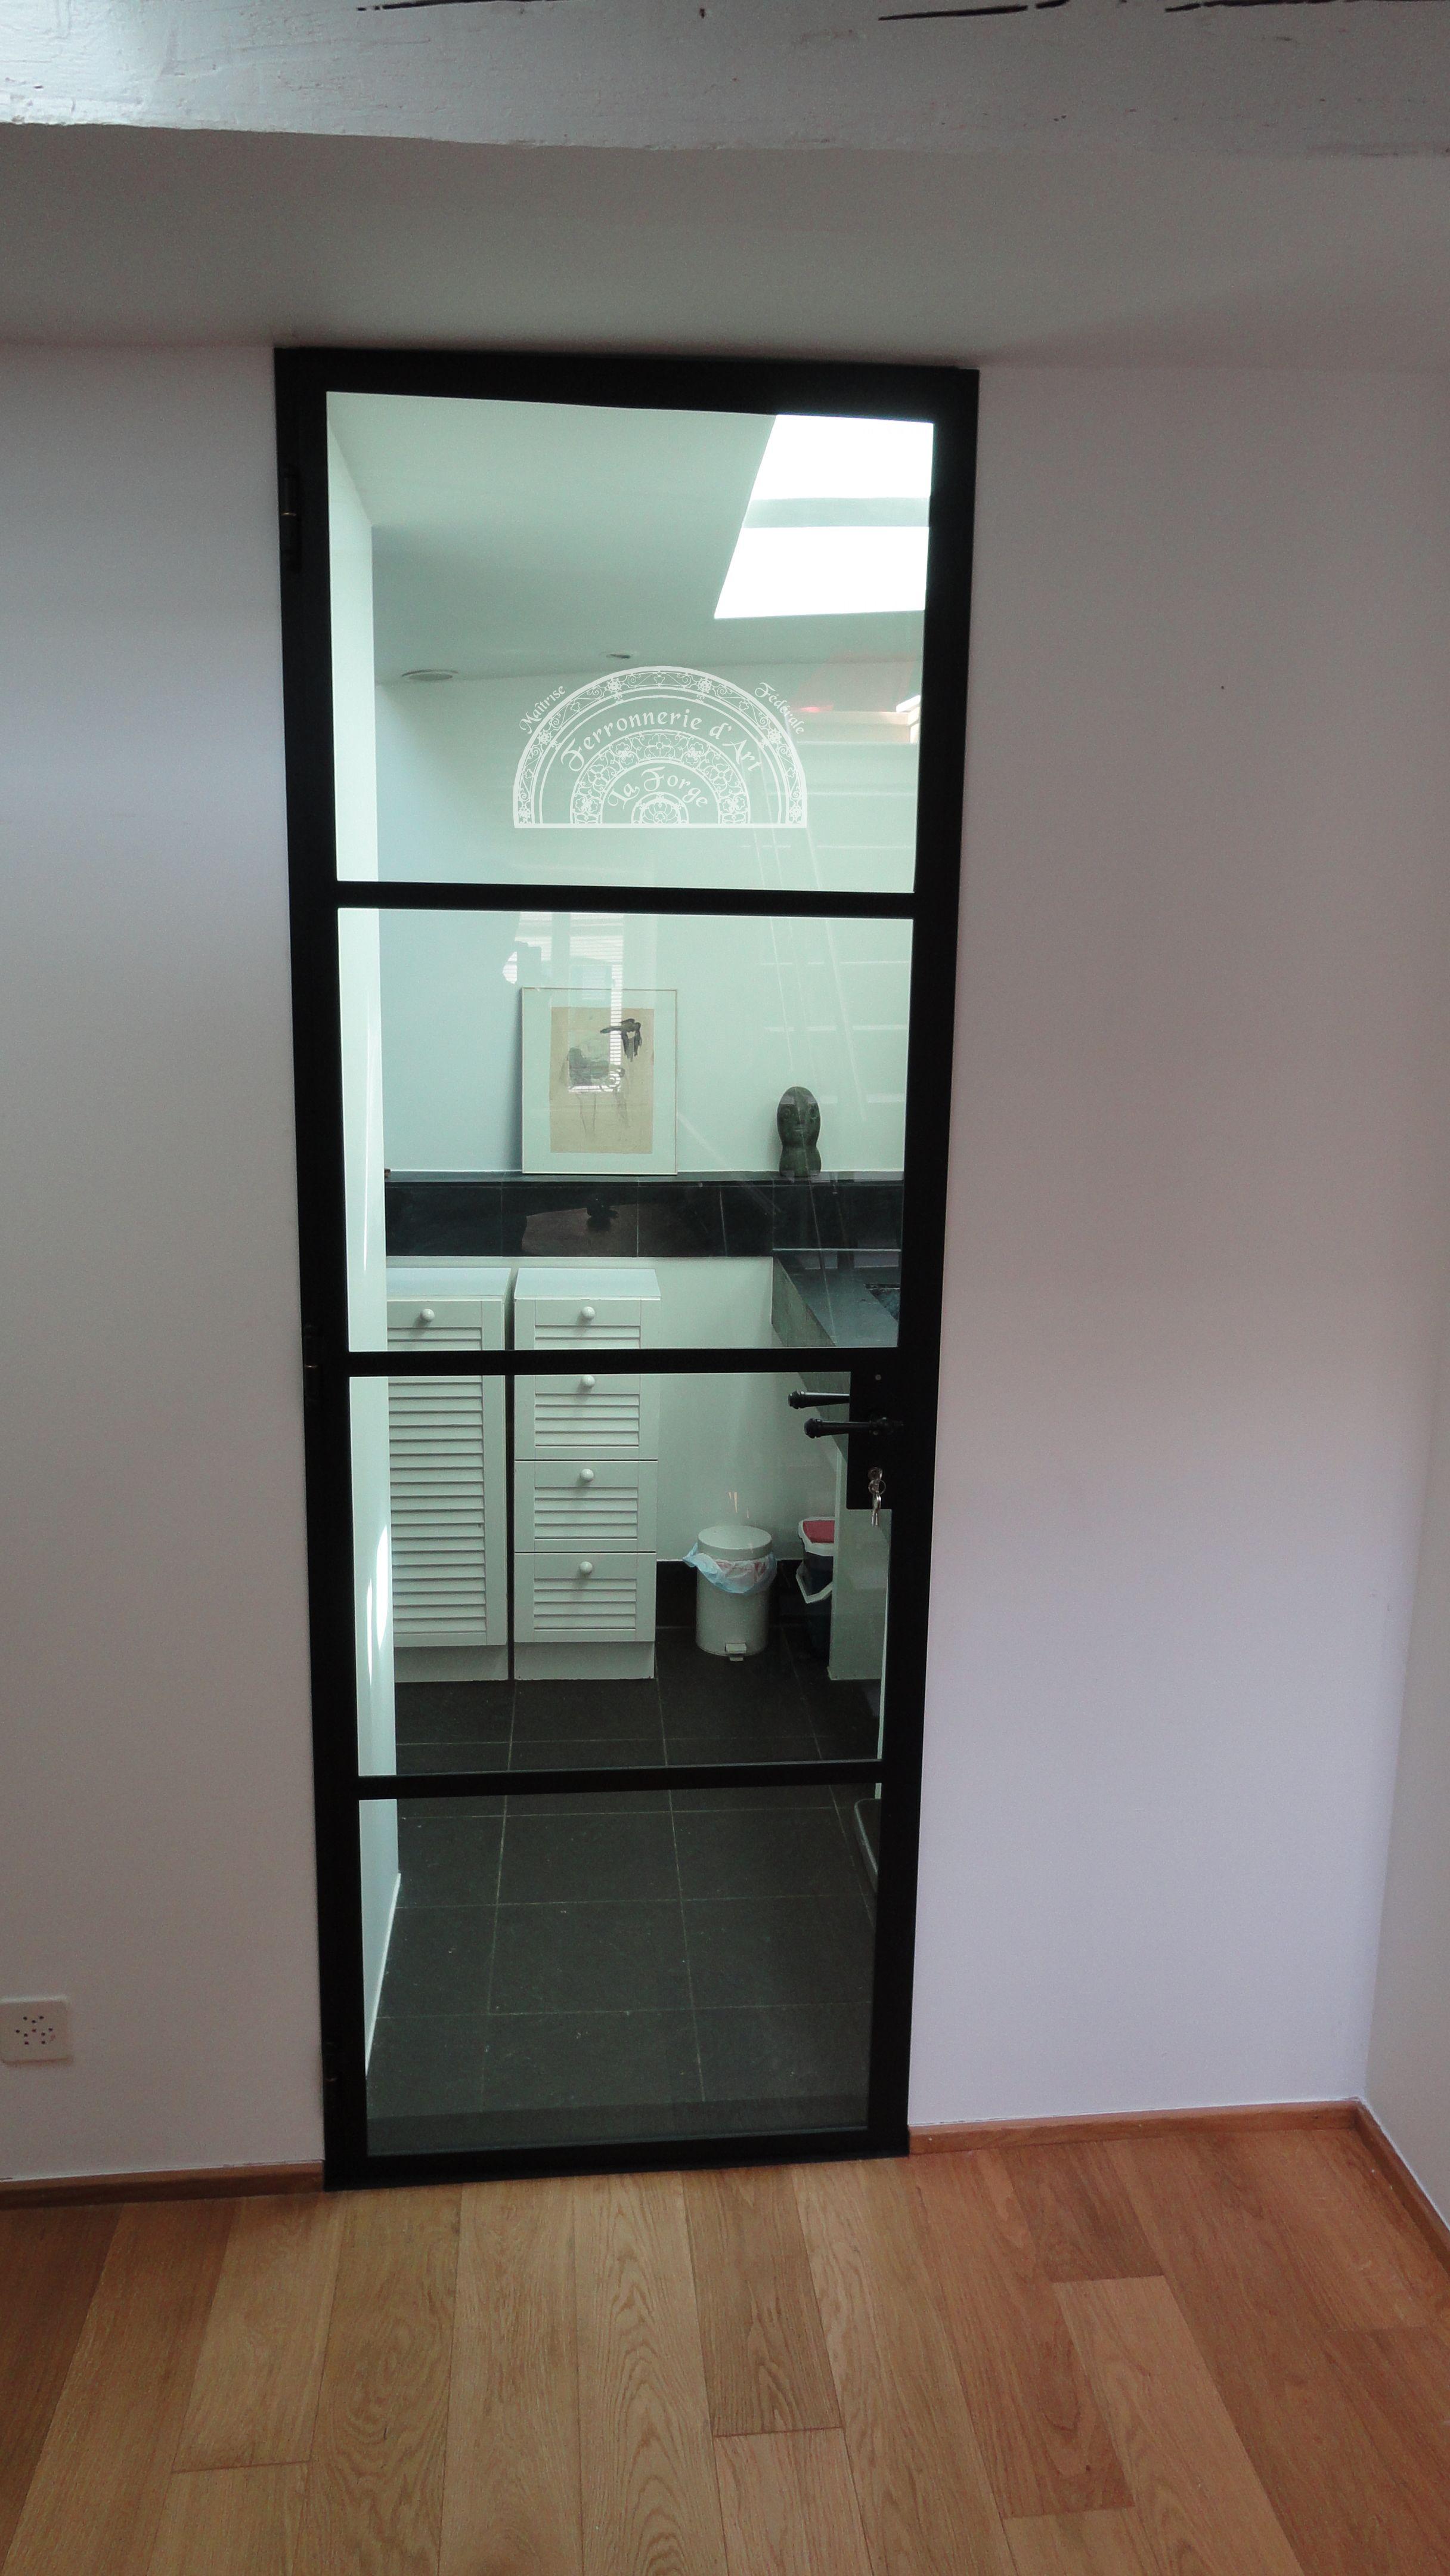 Porte Salle De Bain Vitree ~ porte vitr e pour salle de bain 2 raffaele martinoli